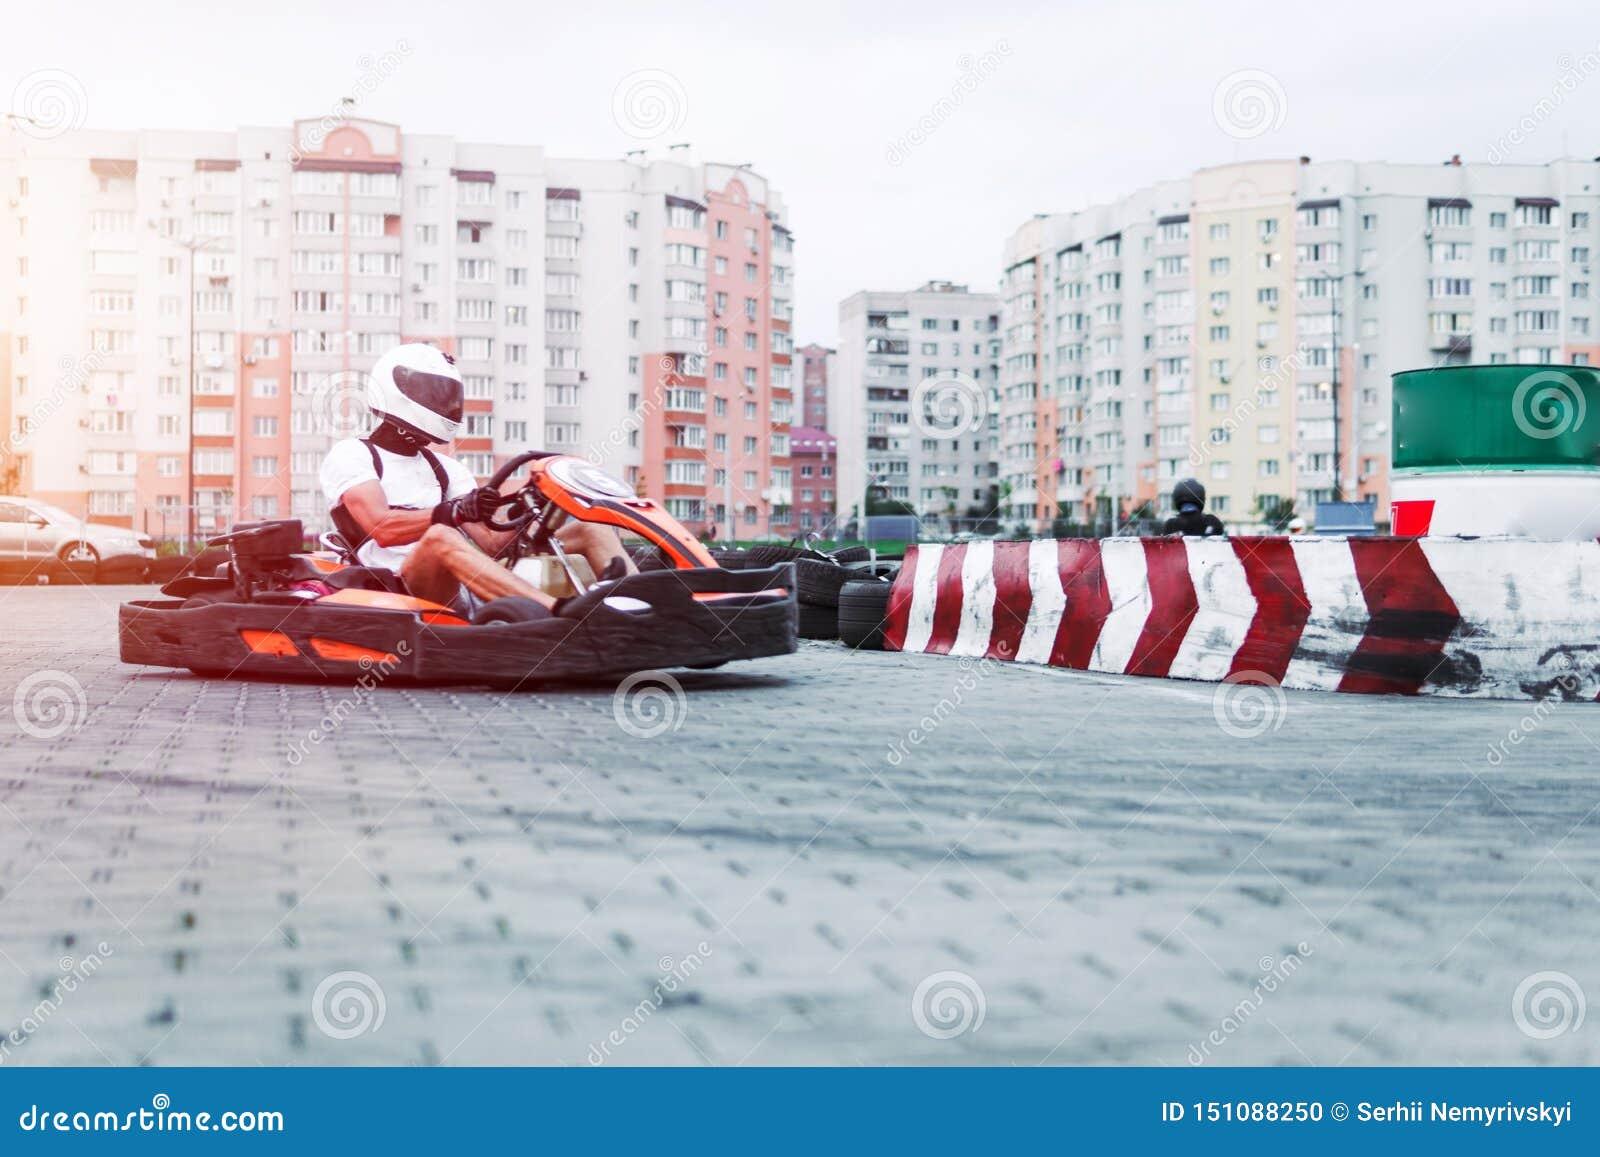 Bieżny samochód na śladzie w akcji, mistrzostwo, aktywny bawi się, krańcowa zabawa kierowców utrzymania jego ręki na kole ochronn